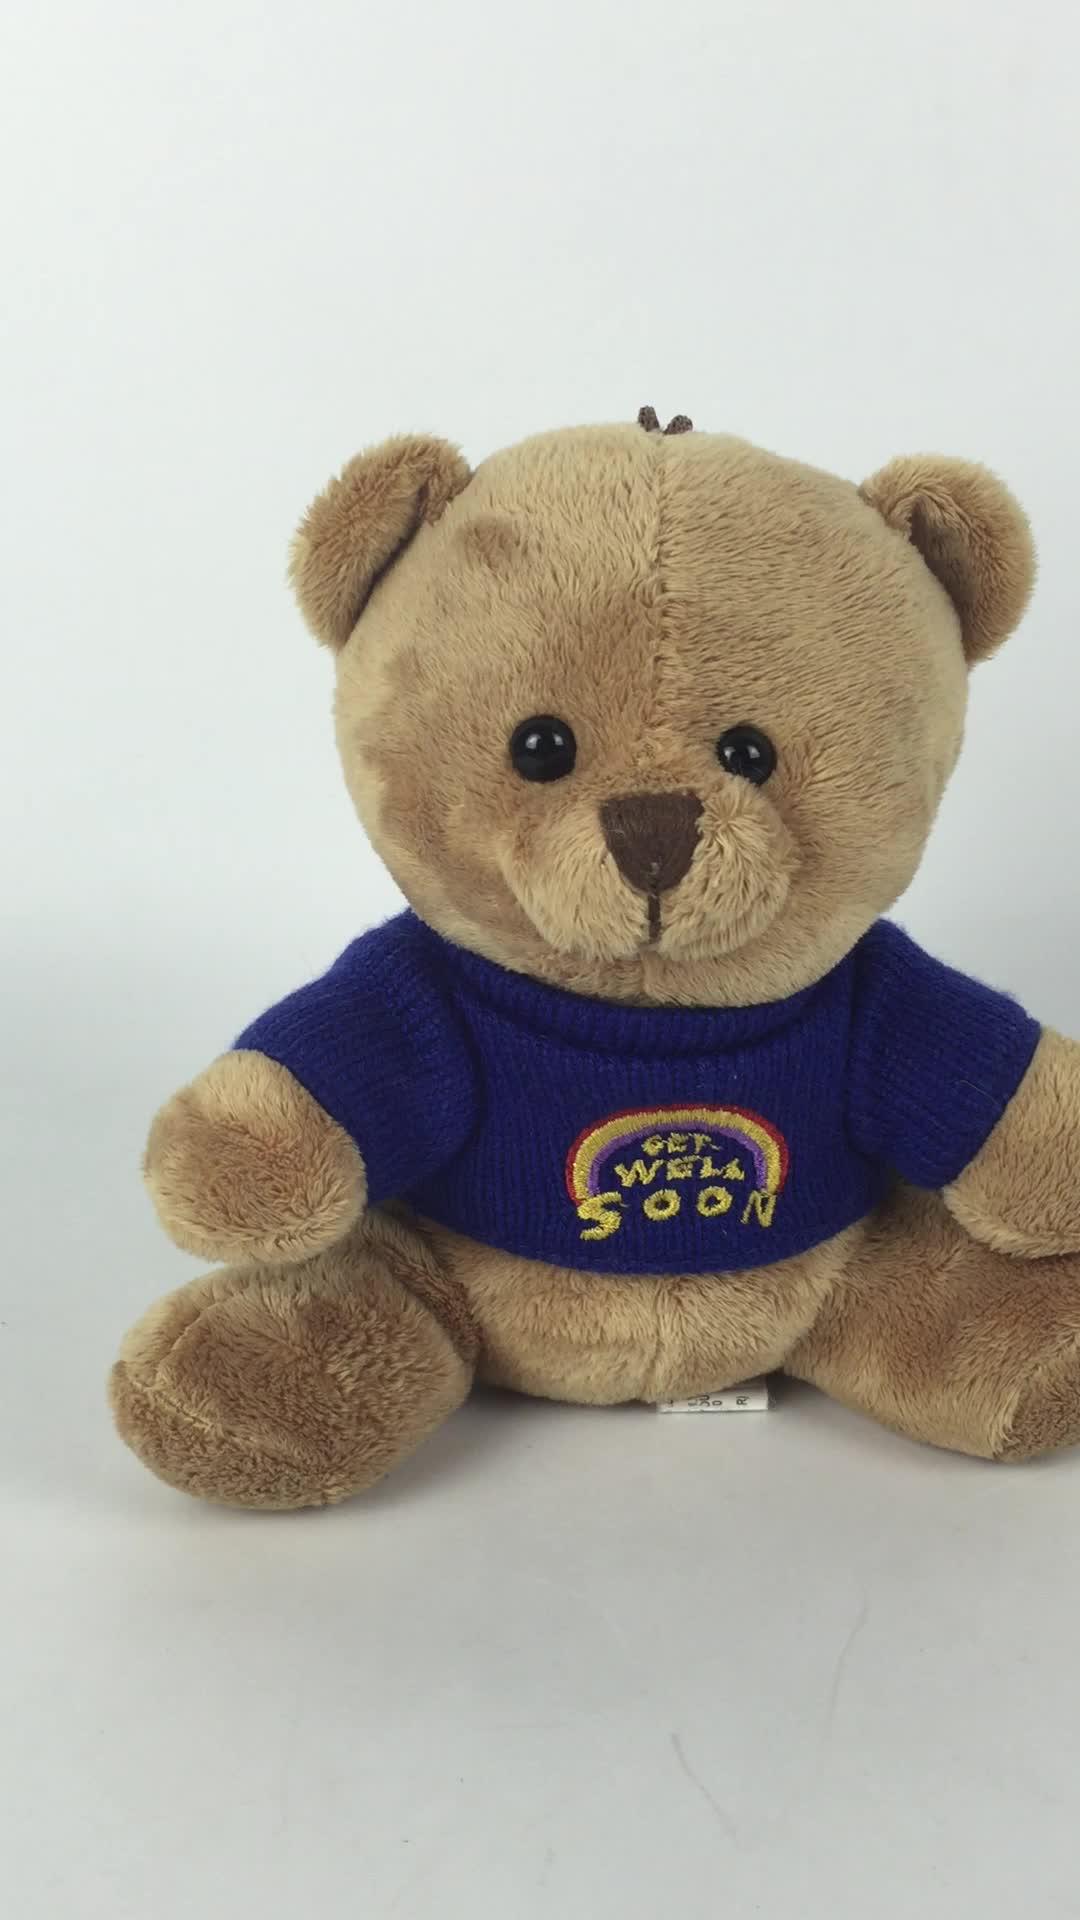 Commercio all'ingrosso molle del bambino del giocattolo della peluche teddy bear in maglione blu con l'alta qualità